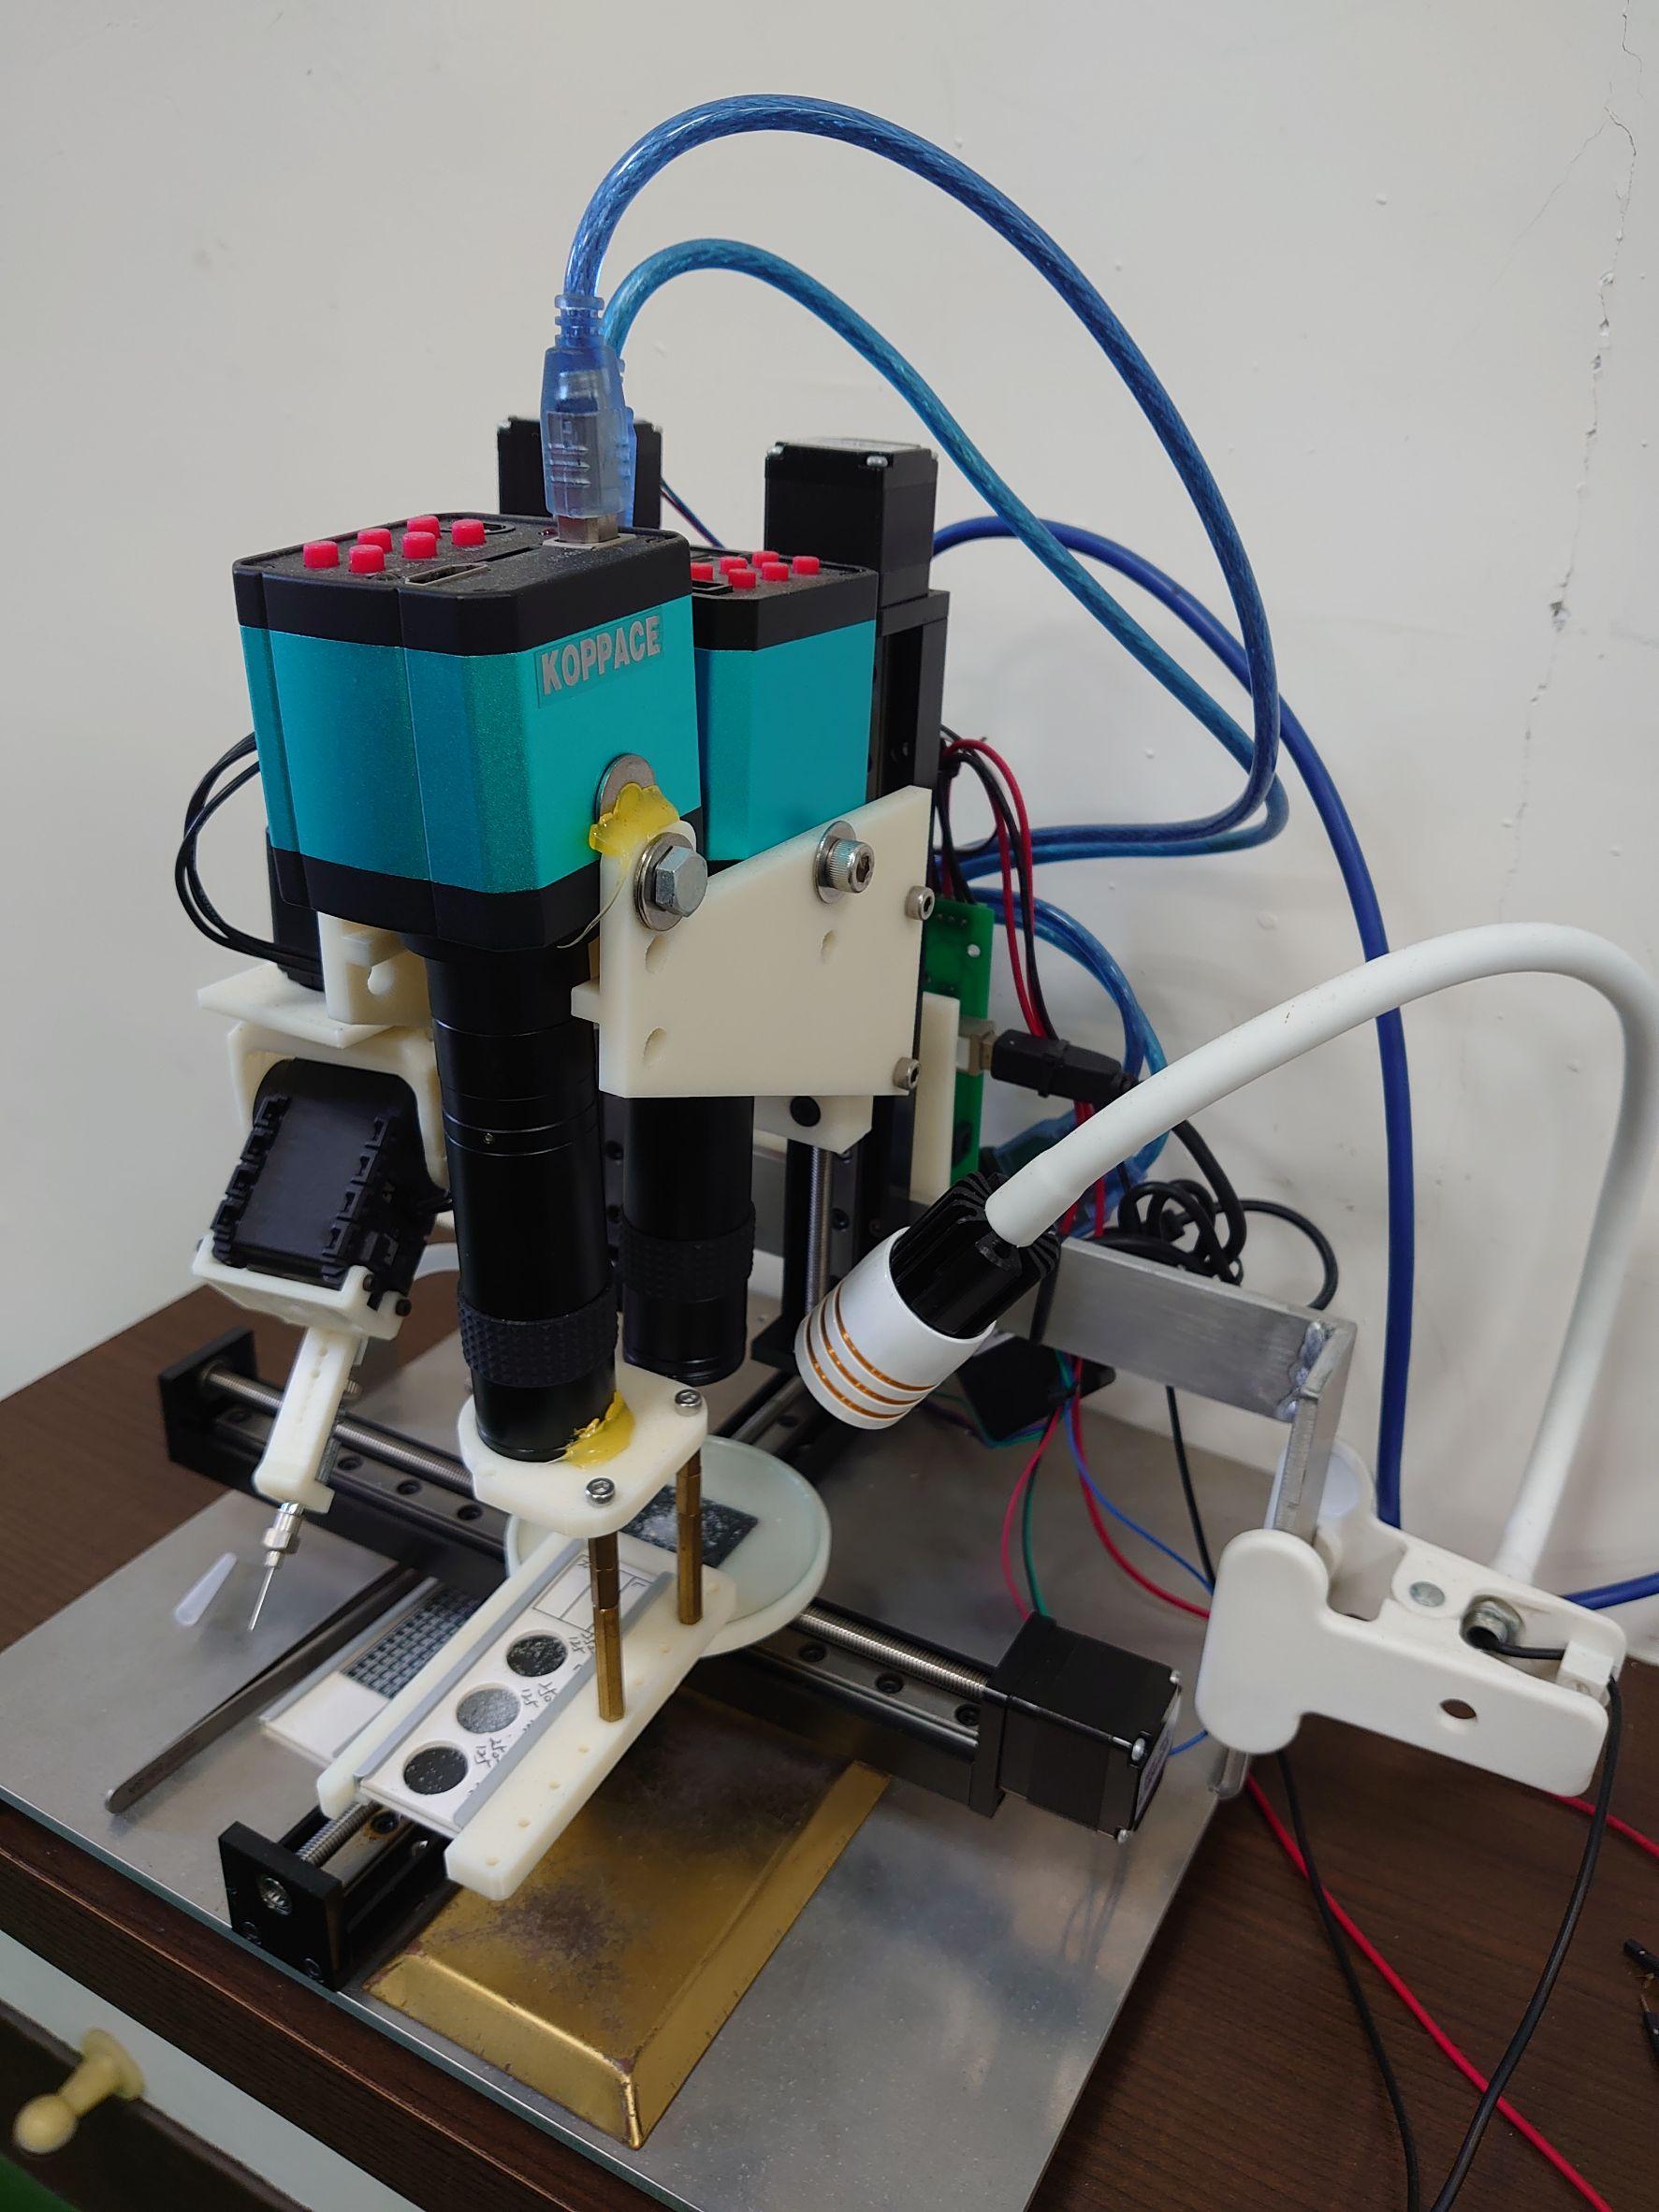 海洋微體生物檢選與焦點疊合自動攝像系統